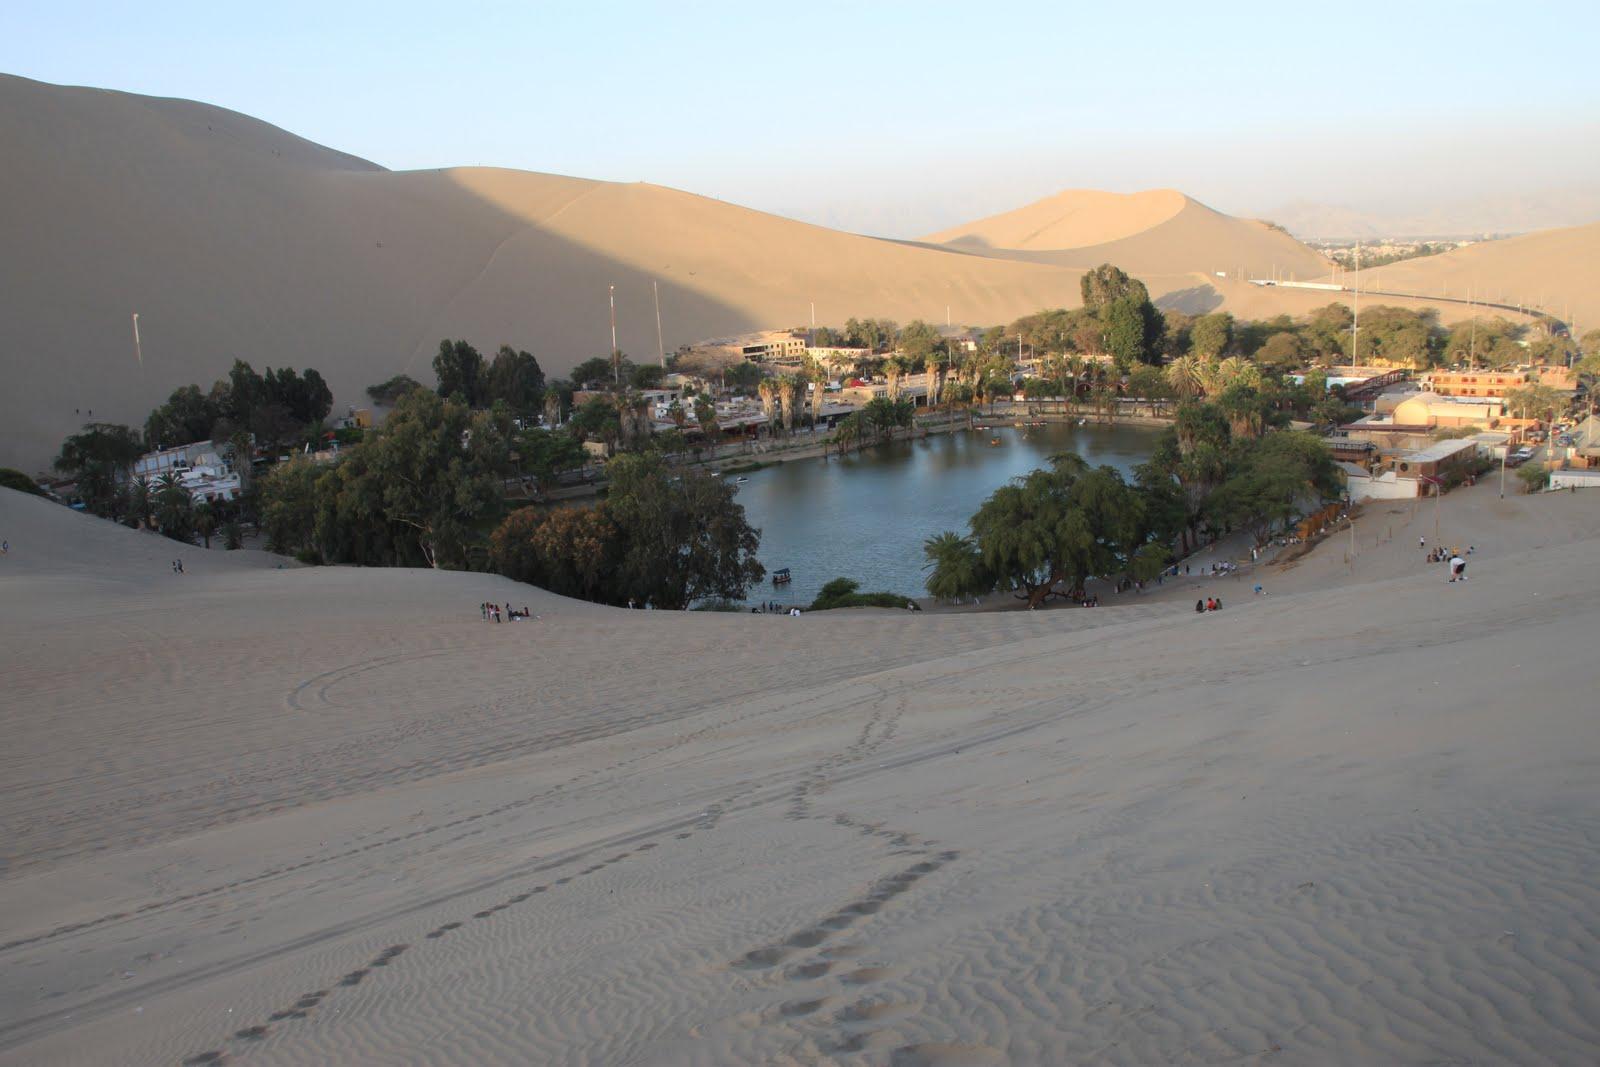 Real Desert Oasis